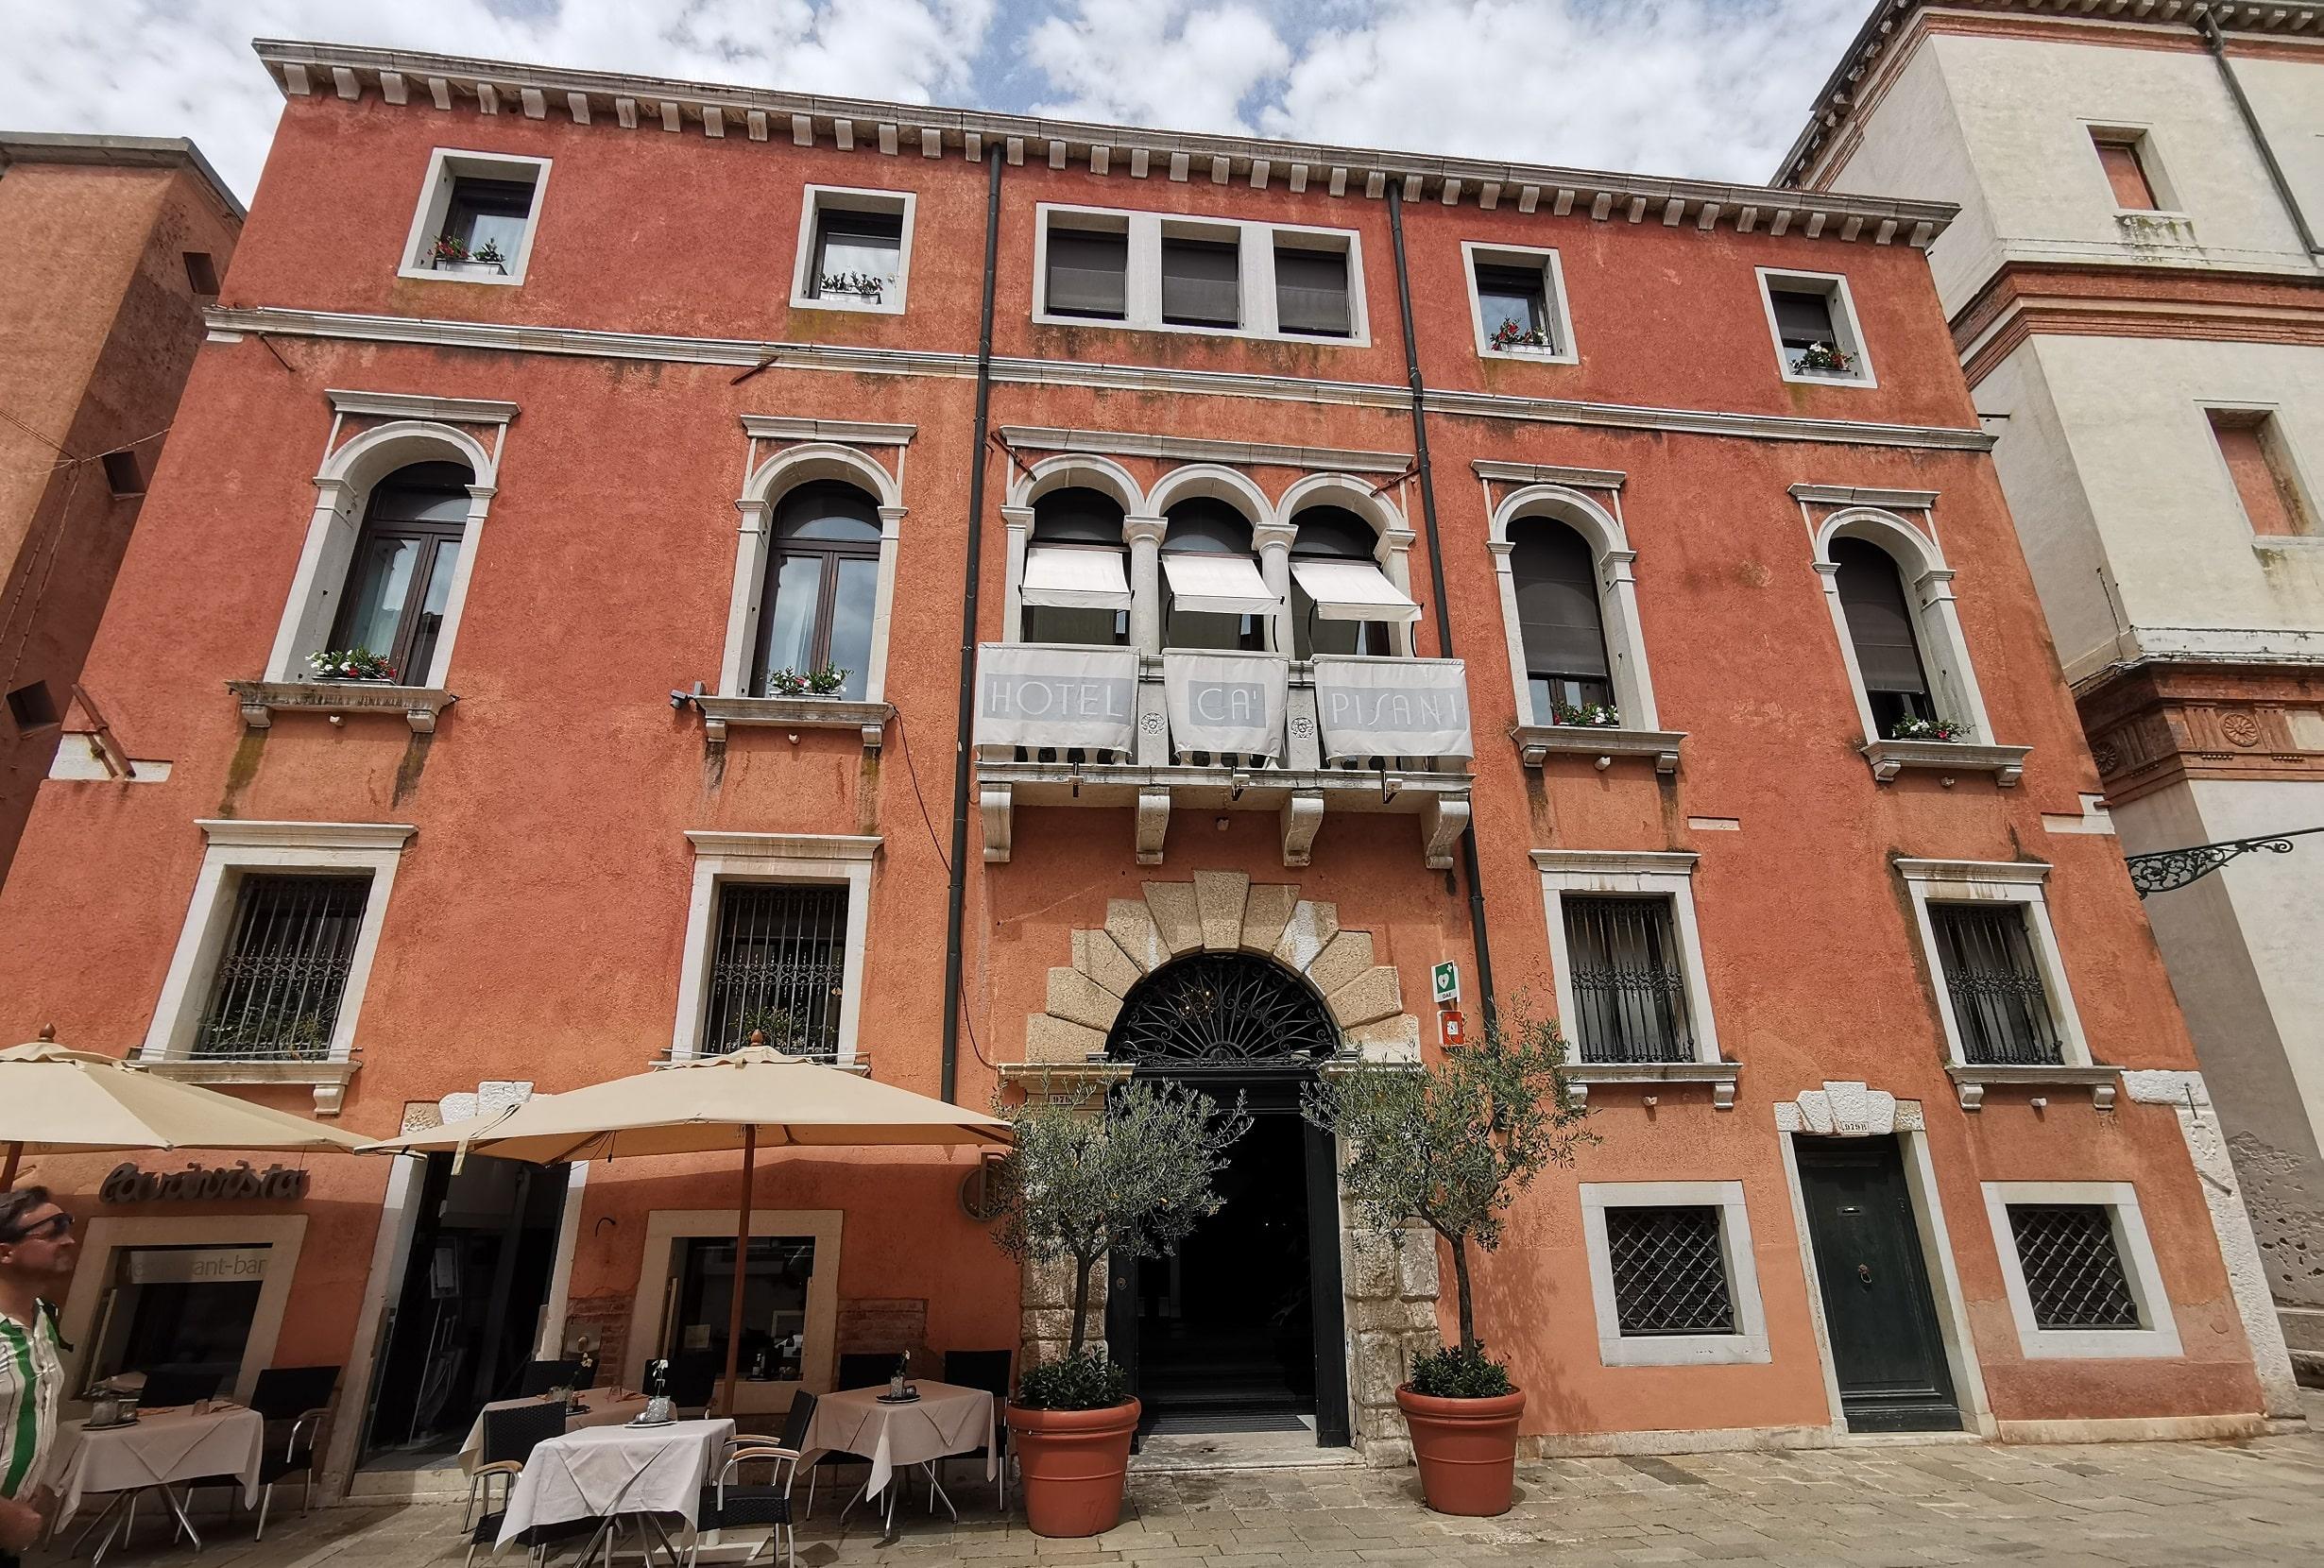 ベネチア 立地の良いホテル